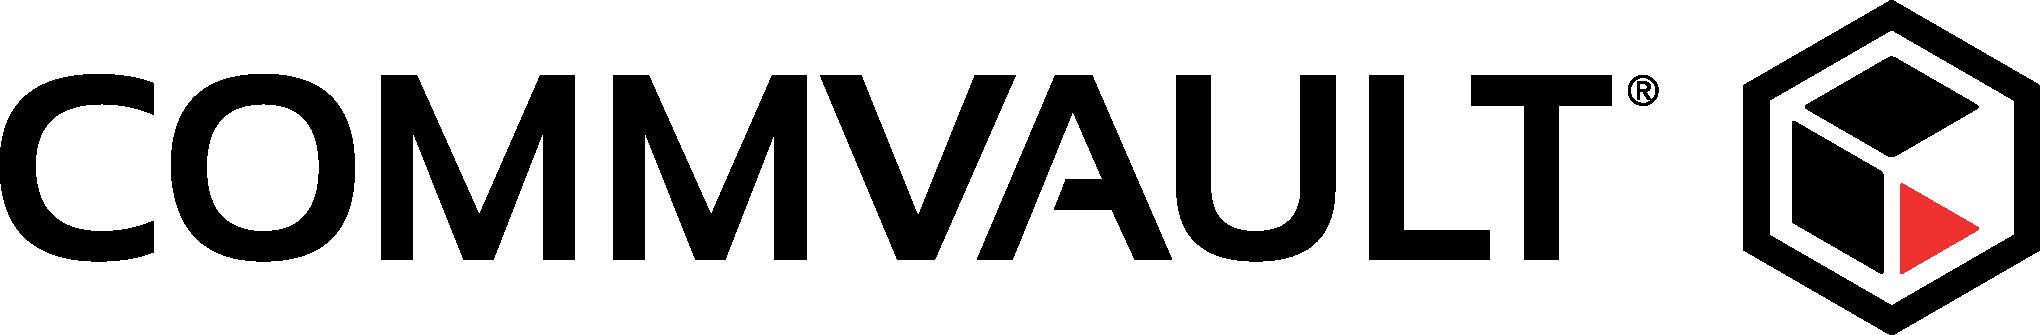 Commvault Logo png